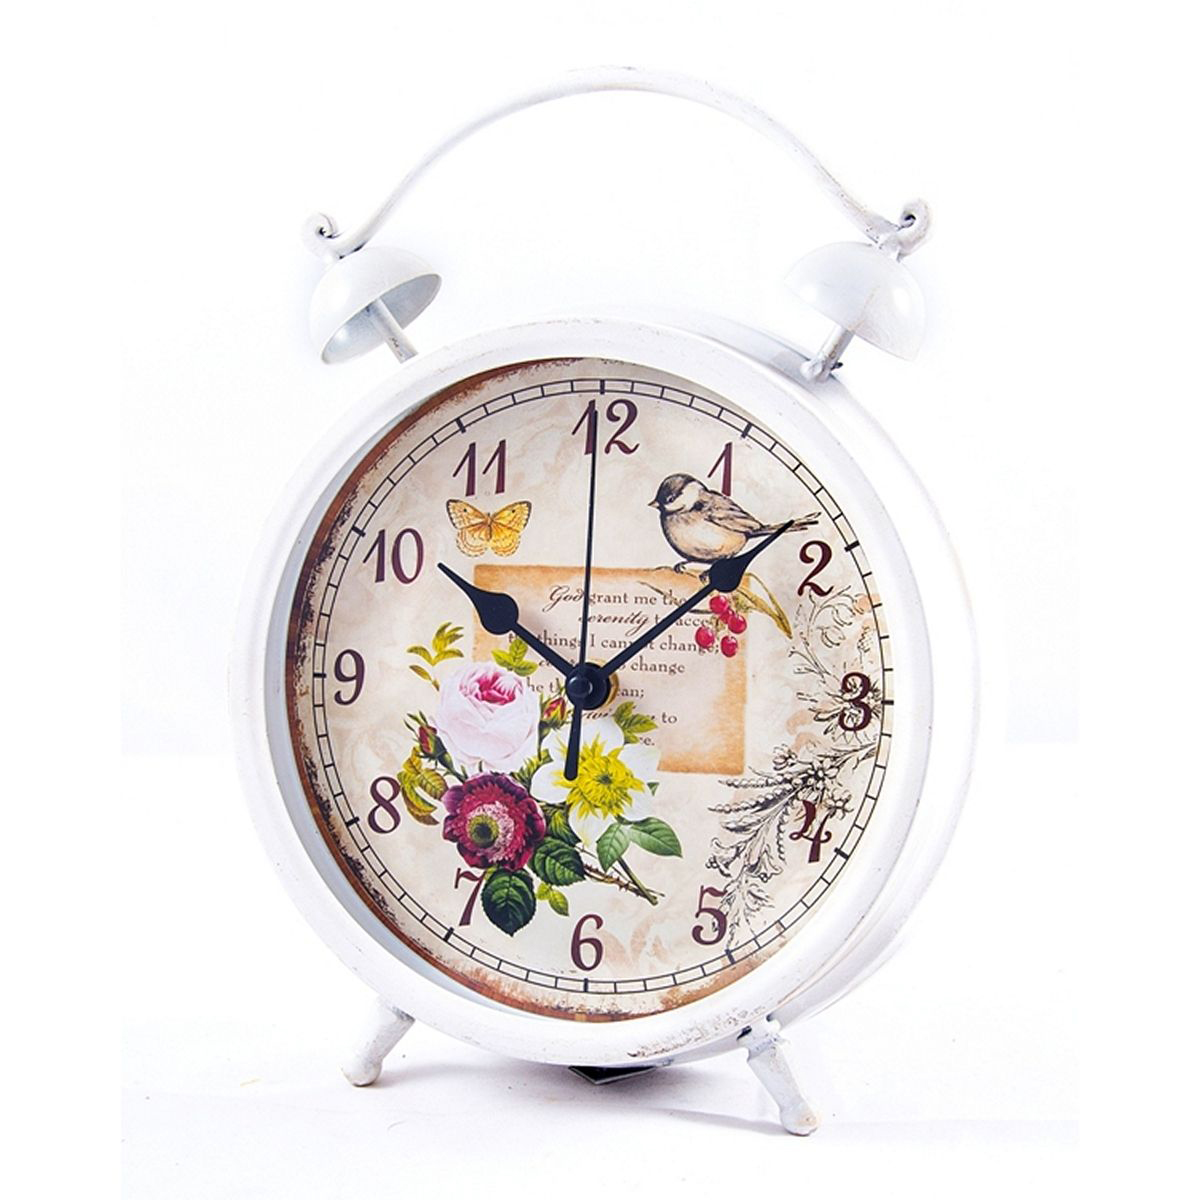 Часы настольные Русские Подарки, 21 х 28 х 6 см. 2960925051 7_желтыйНастольные кварцевые часы Русские Подарки изготовлены из металла,циферблат красочно оформлен и защищен стеклом. Часы имеют три стрелки - часовую, минутную и секундную.Такие часы оригинально украсят интерьер дома или рабочий стол в офисе. Также часы могут стать уникальным, полезным подарком для родственников, коллег, знакомых и близких.Часы работают от батареек типа АА (в комплект не входят).